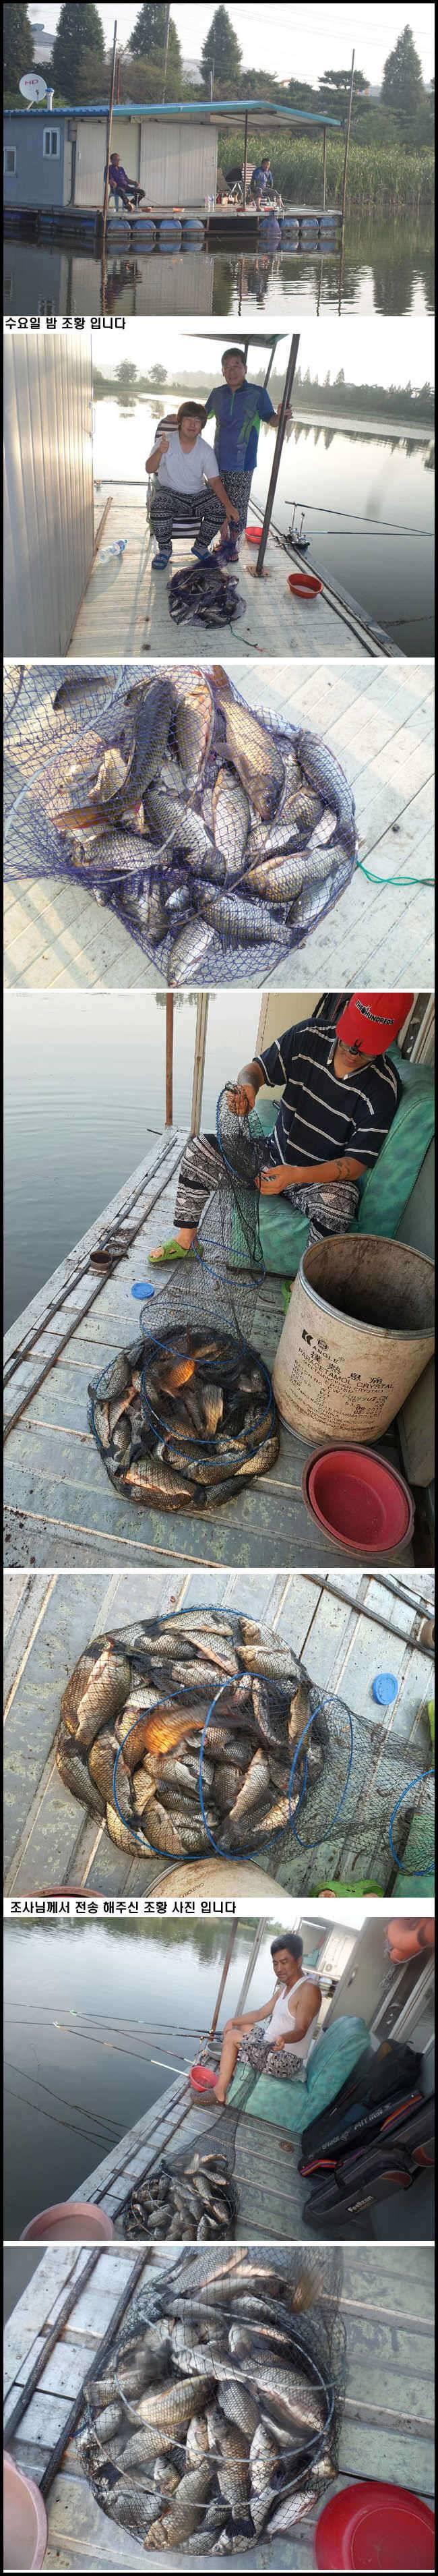 fish_pay_11035562.jpg